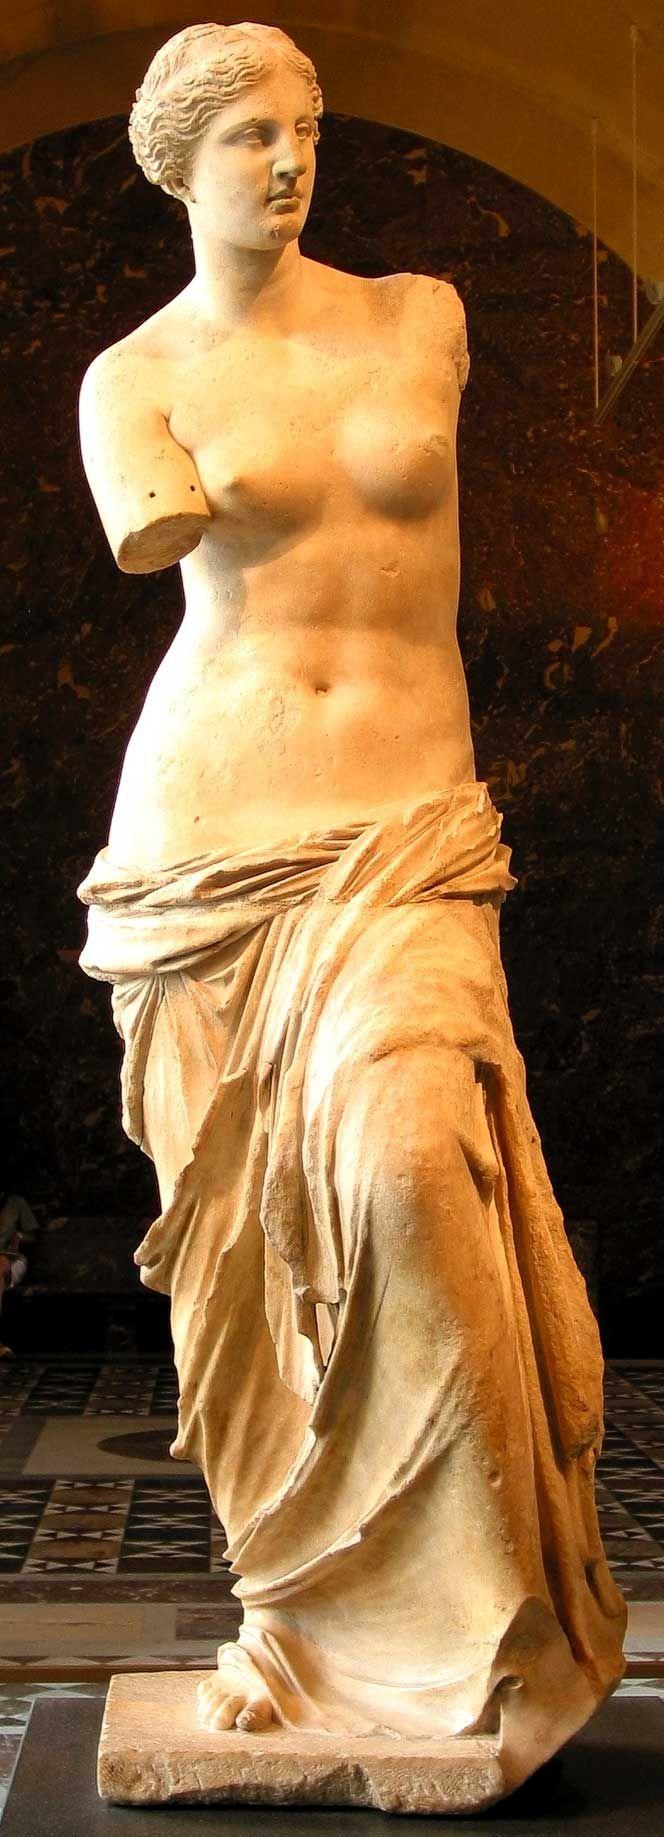 Venus De Milo Aphrodite Of Milos Greek ἀφροδίτη τῆς μήλου Louvre Museum Paris Ancient Greek Statu Hellenistic Art Ancient Greek Sculpture Greek Sculpture